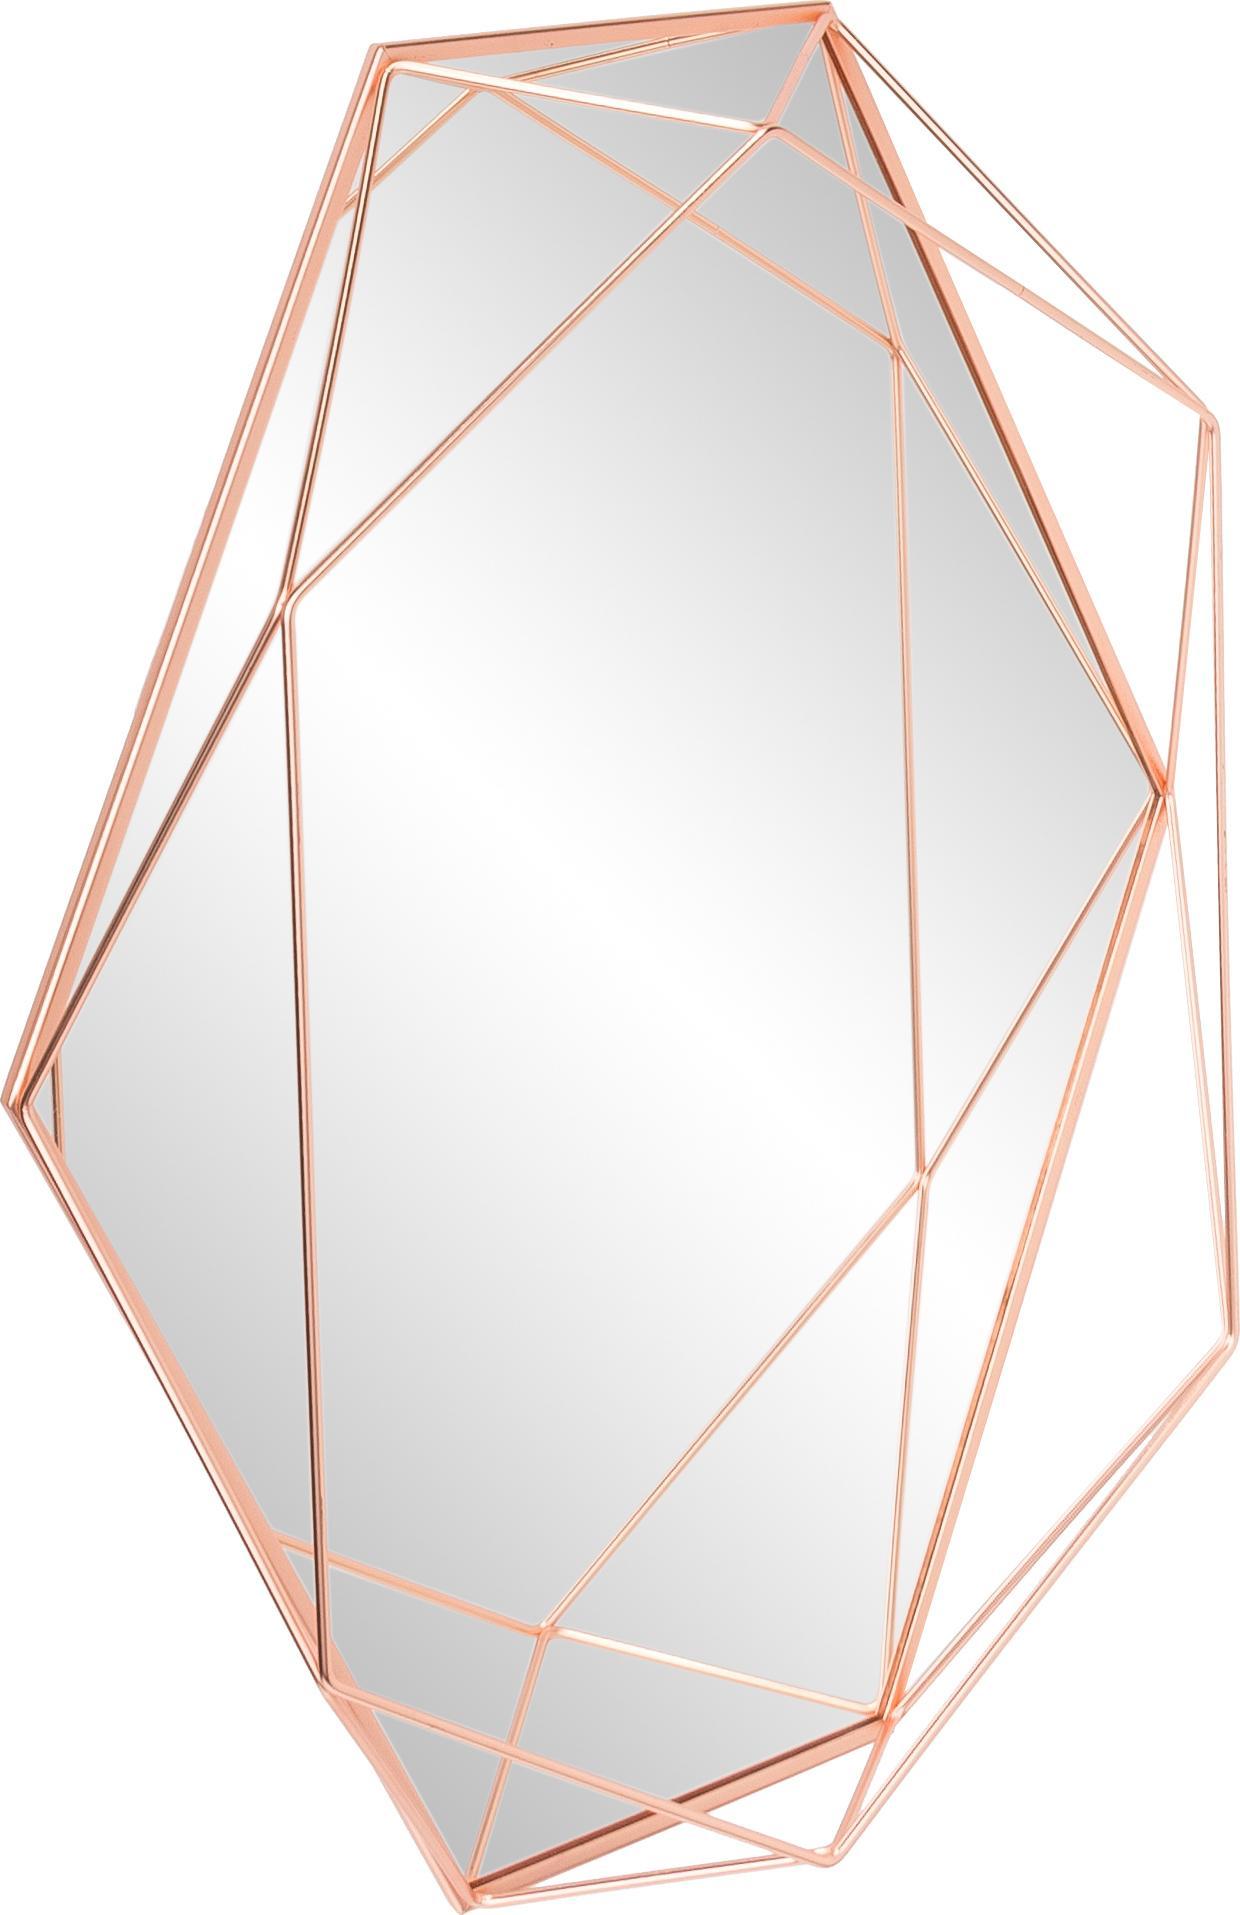 Specchio da parete con cornice in rame Prisma, Cornice: acciaio ramato, Superficie dello specchio: lastra di vetro, Rame, Larg. 43 x Alt. 57 cm